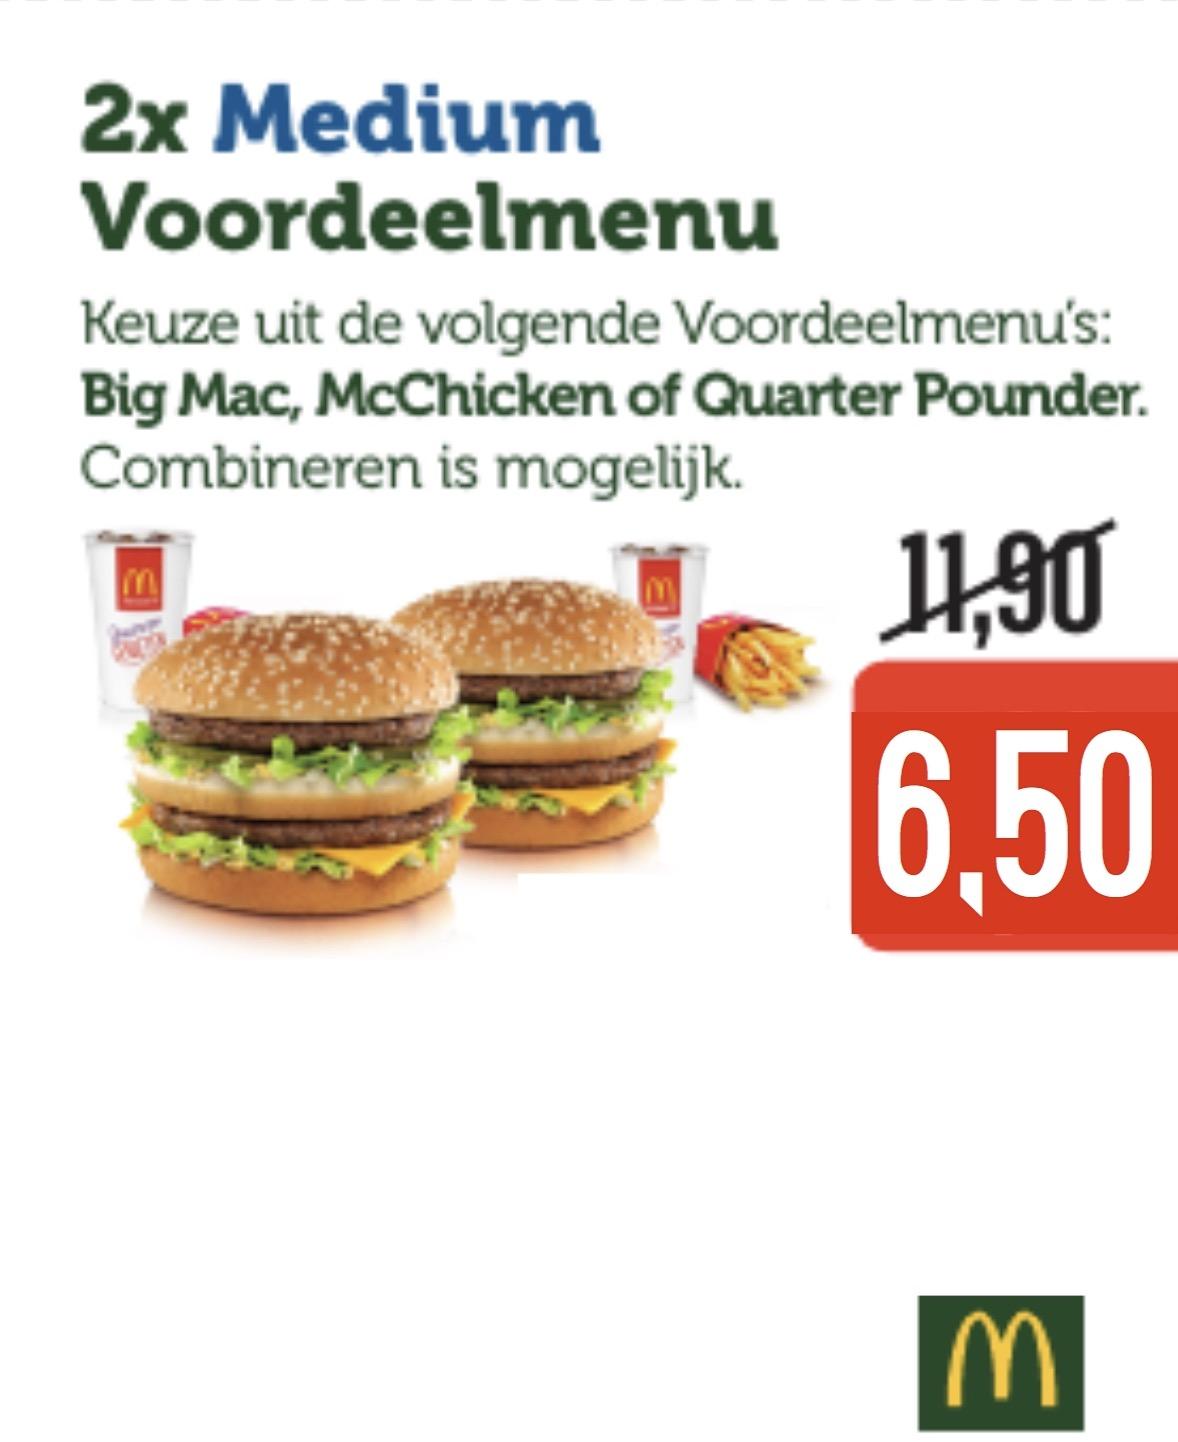 2x Voordeel menu voor €6,50 @ McDonalds (7-12)